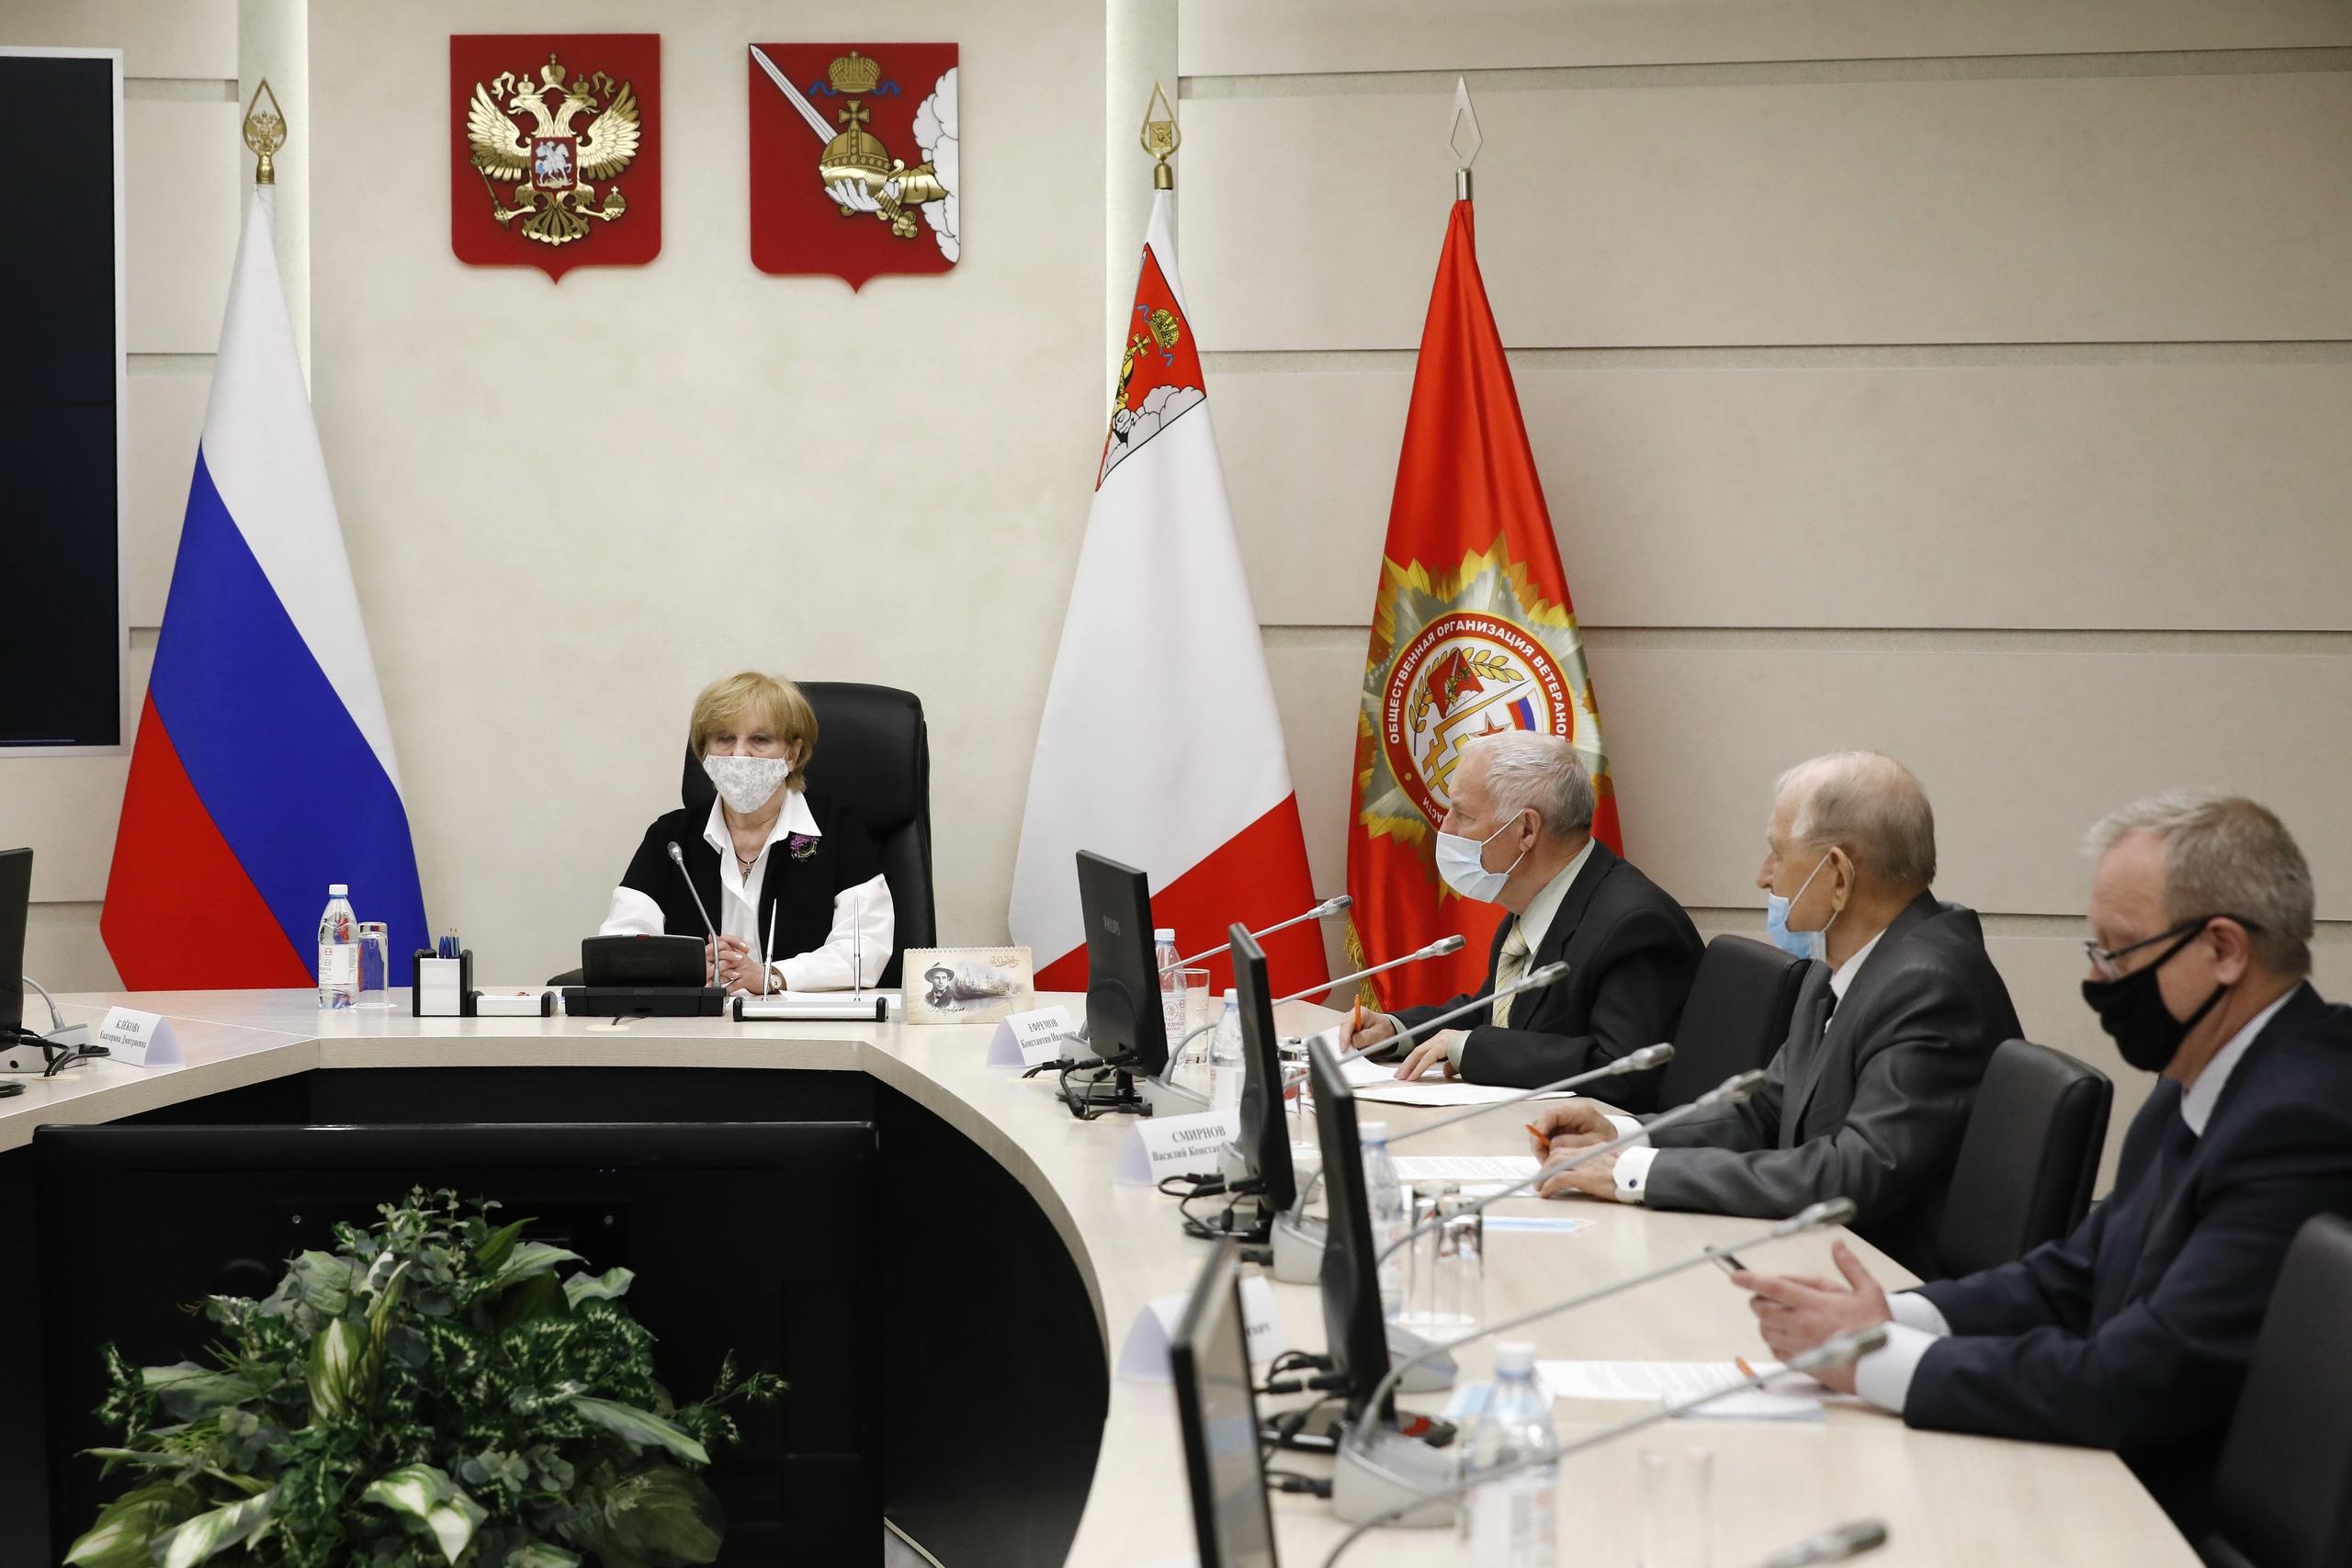 Председателем совета ветеранов Вологодской области избрана Надежда Тихомирова